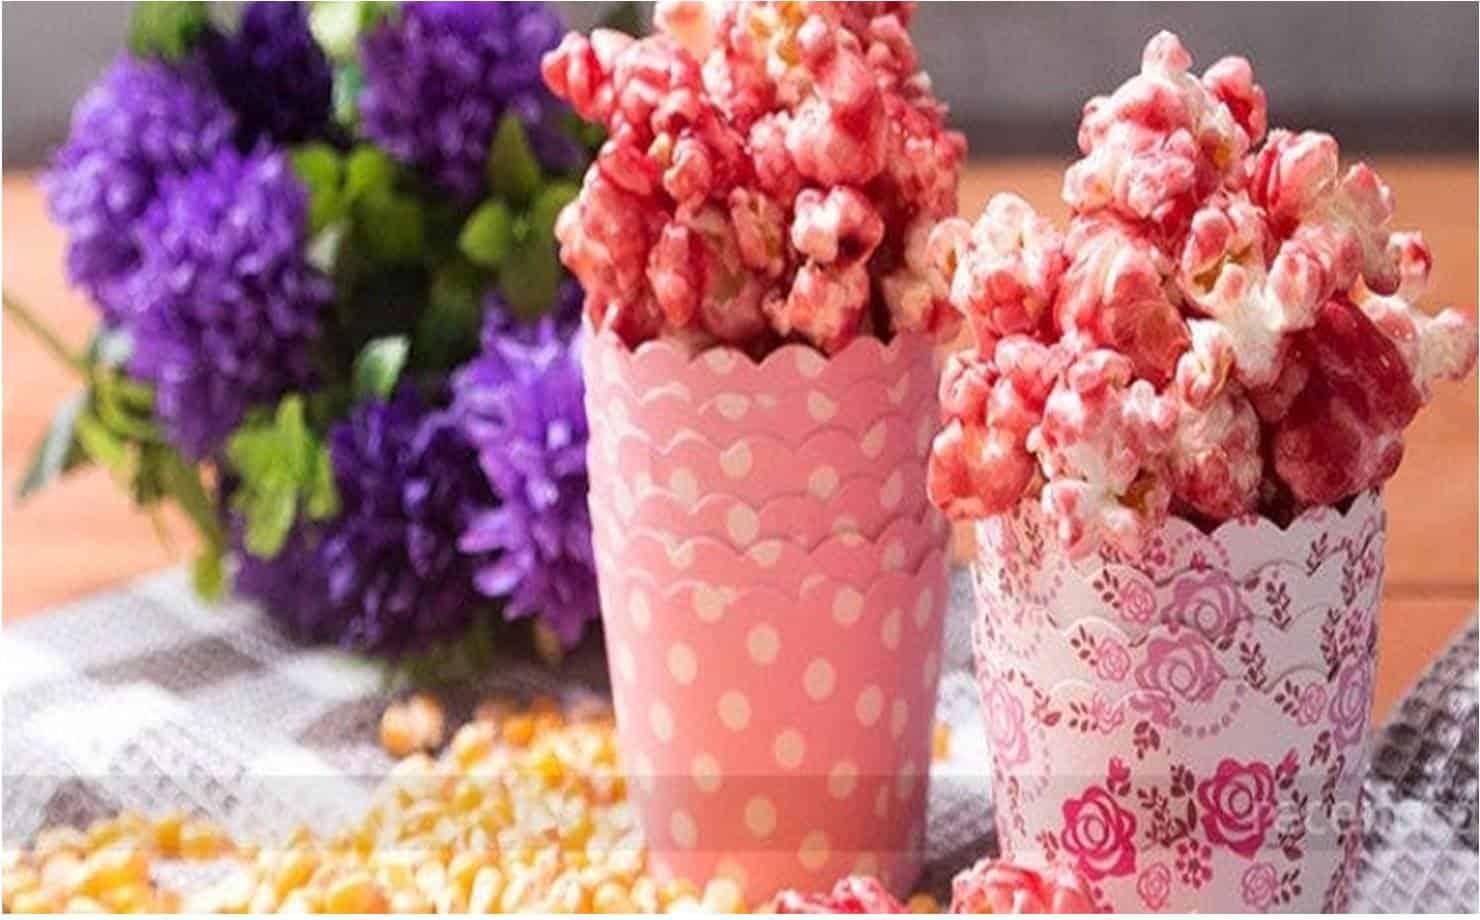 Pipocas de Groselha Exposta na Mesa com Flores